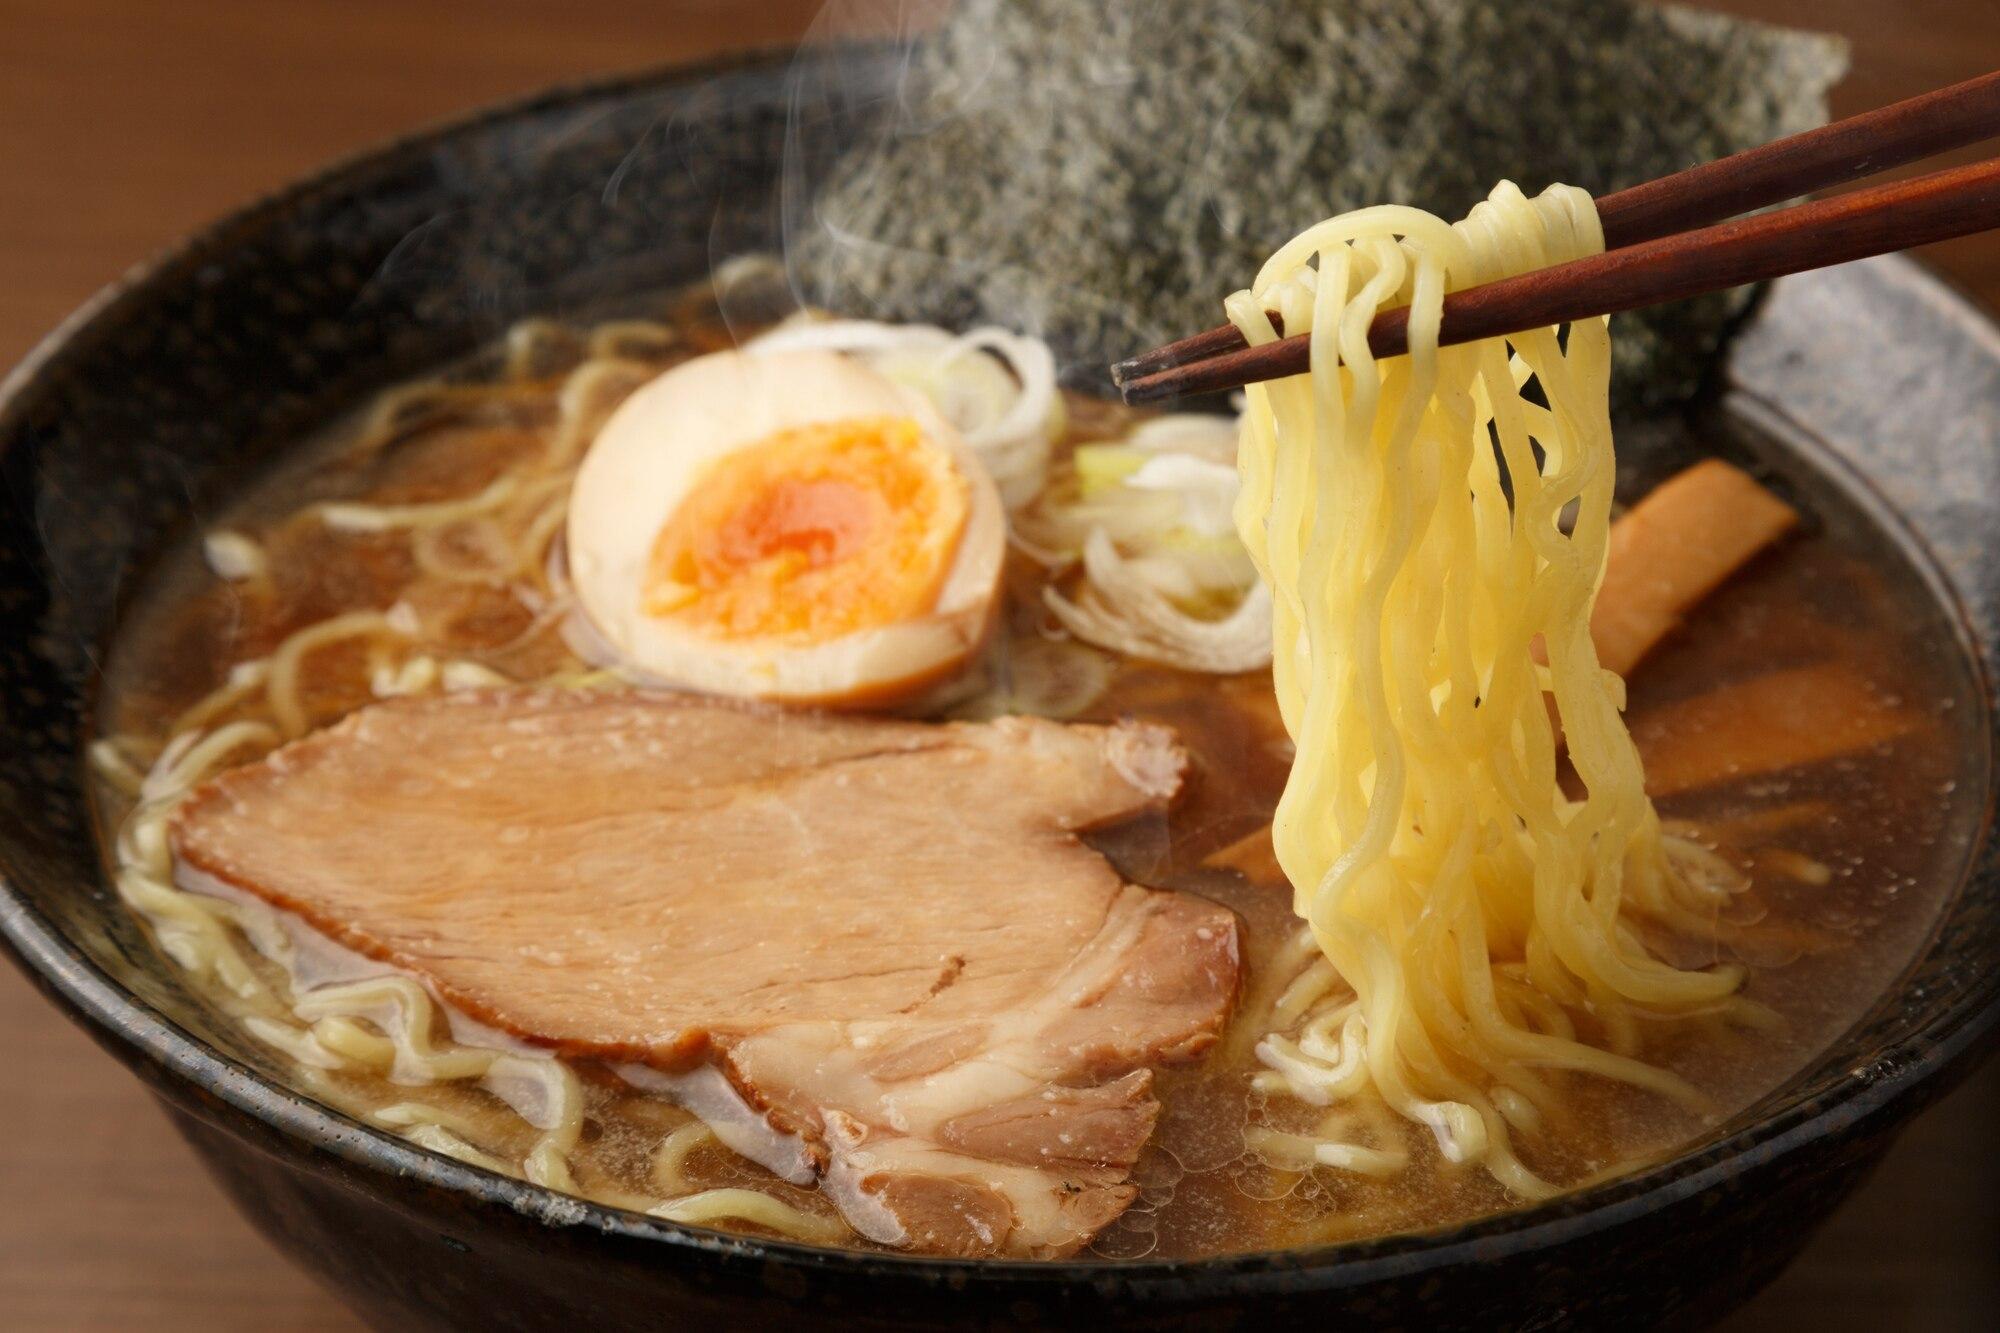 神戸市で美味しい醤油ラーメンを食べよう!おすすめのお店4選!